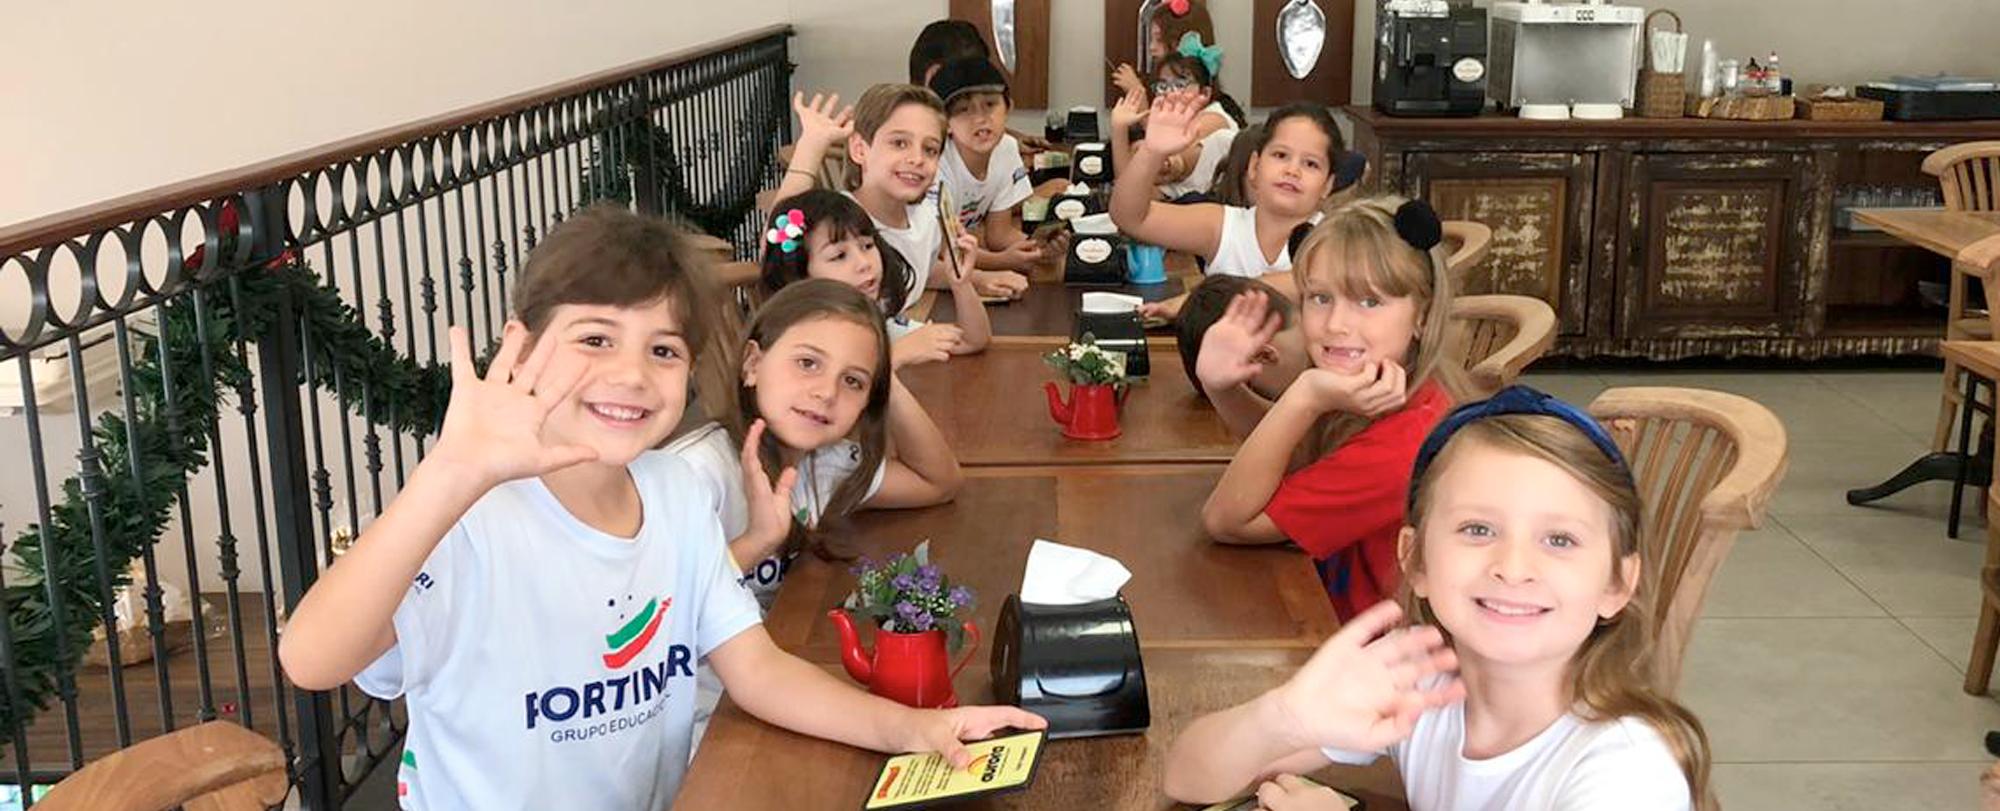 Período Ampliado participa de Breakfast at Nova Paulista's